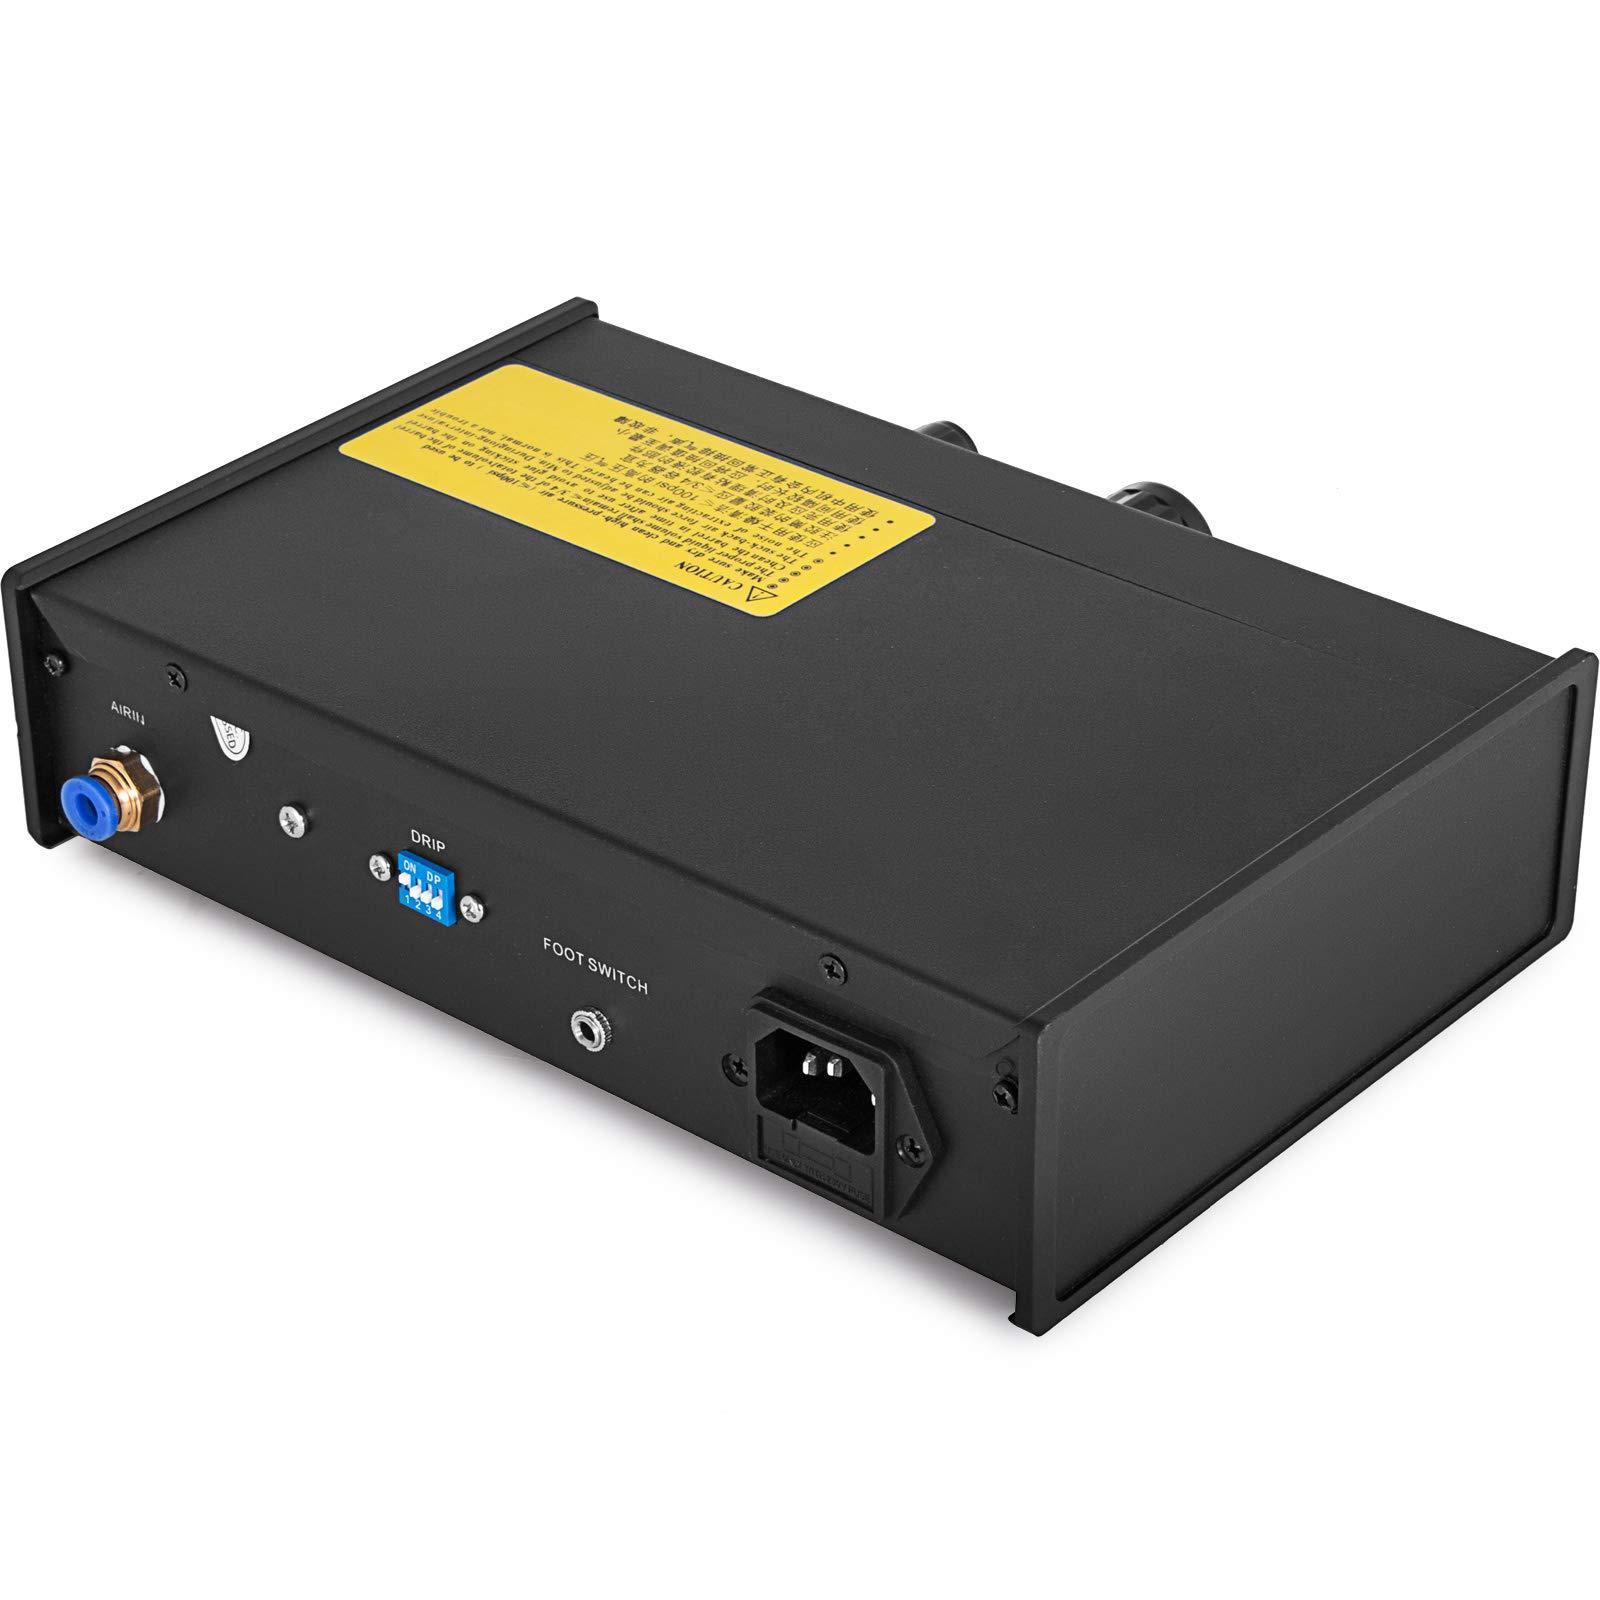 VEVOR Auto Glue Dispenser Dual Controller 24V DC Solder Paste Glue Dropper 982A Digital Display Solder Paste Liquid Controller Dropper Machine by VEVOR (Image #3)